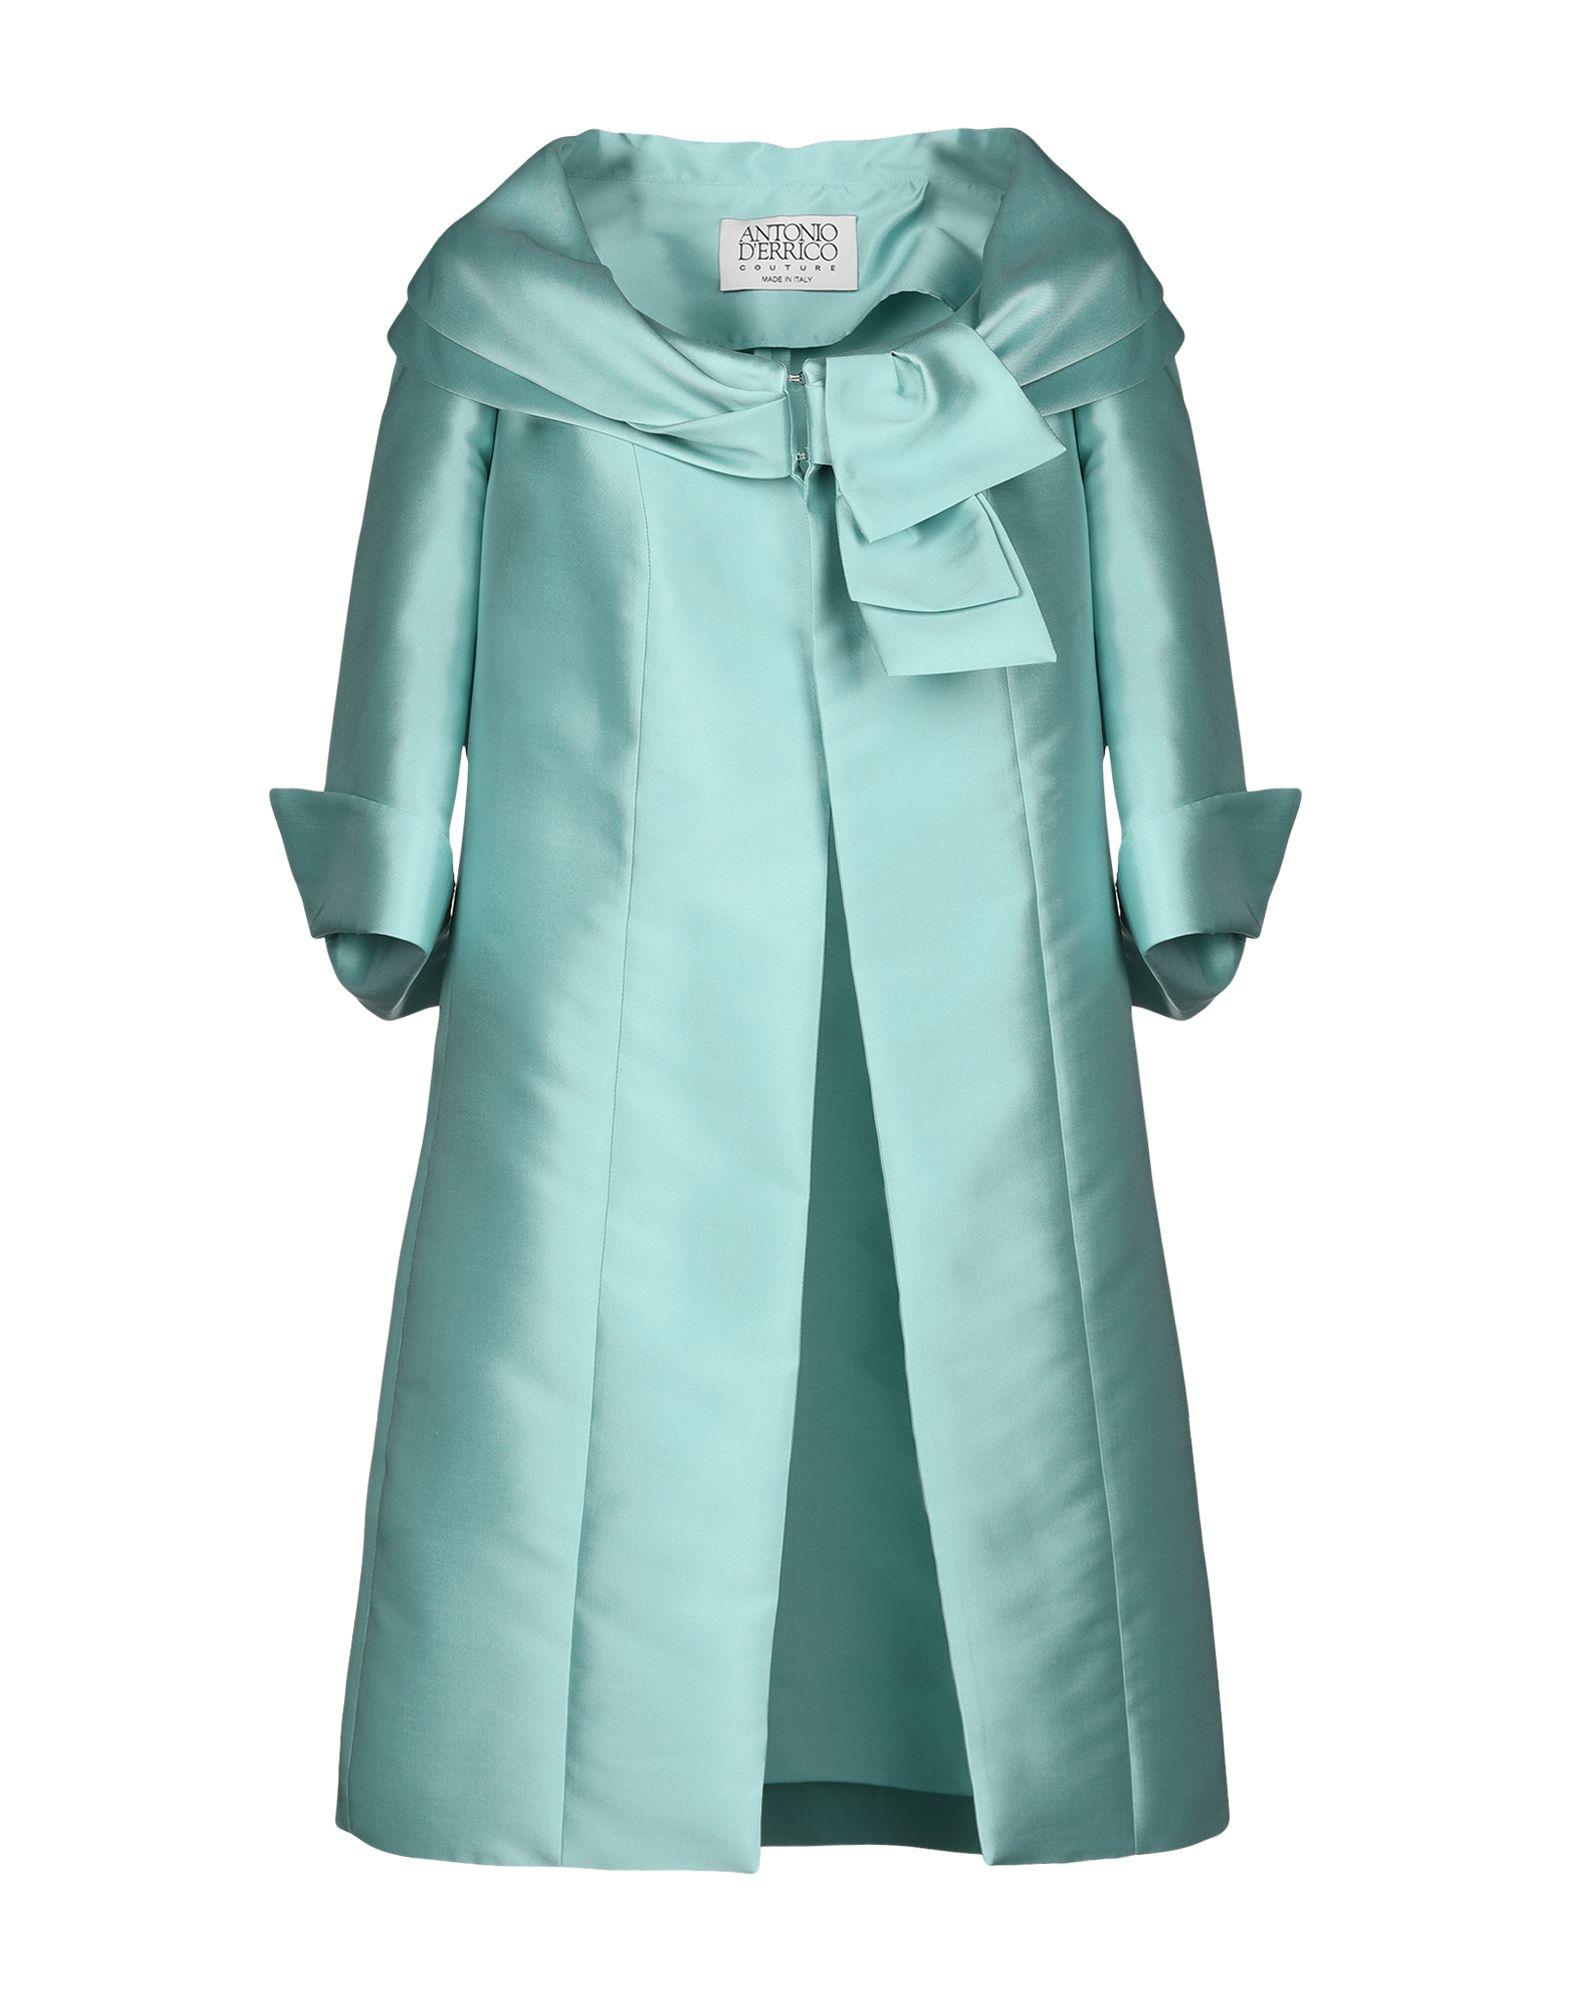 Soprabito Atelier Nicola D'errico donna donna - 49421650IJ  jetzt bestellen